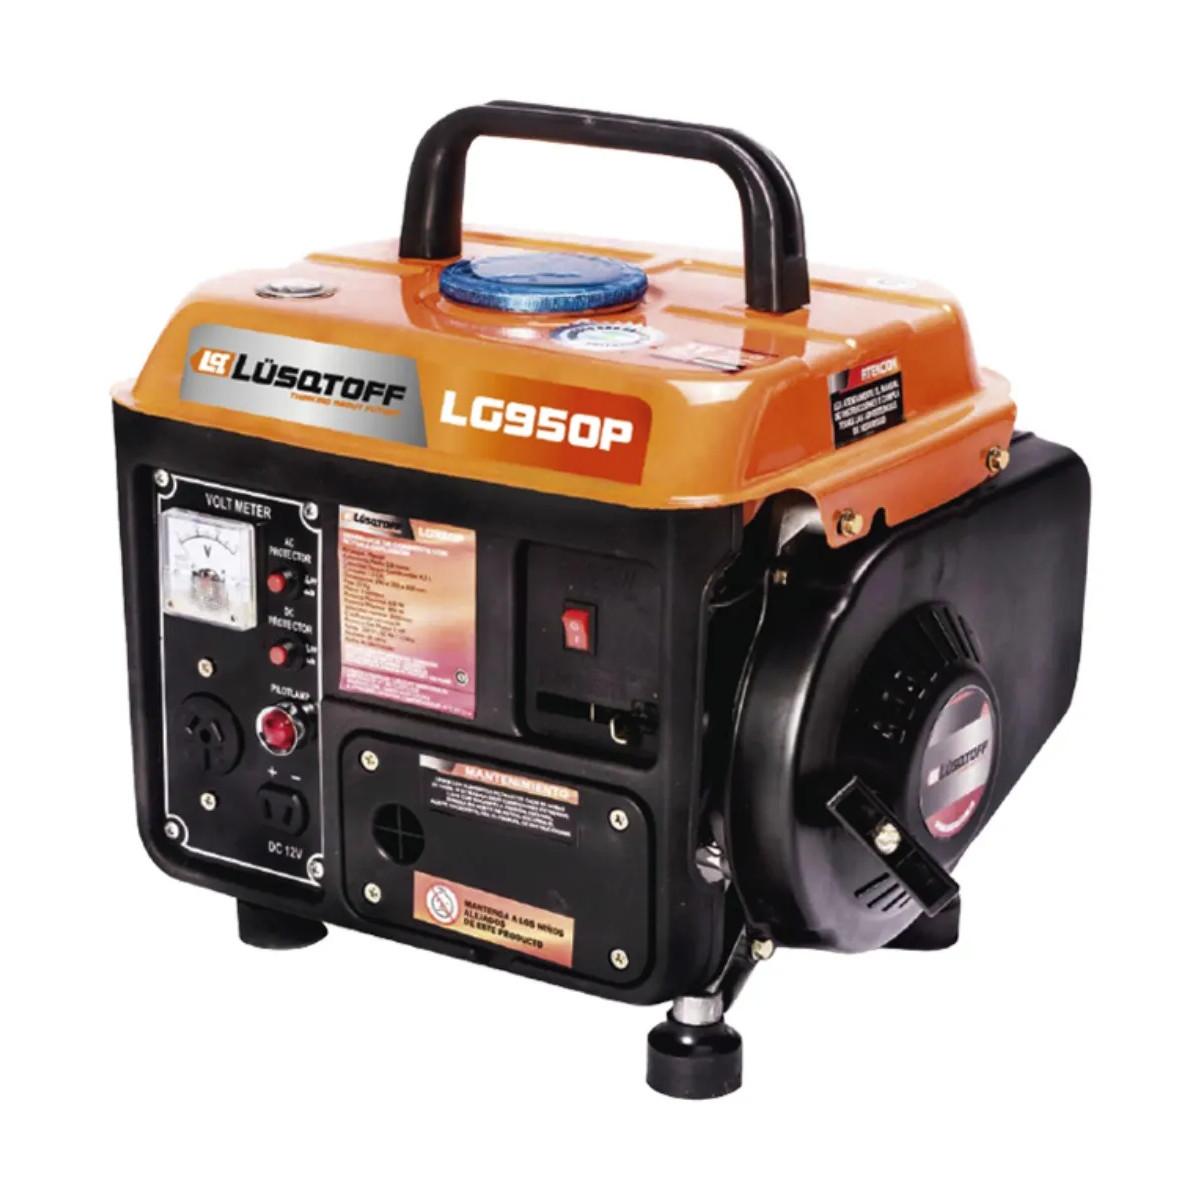 LG950P